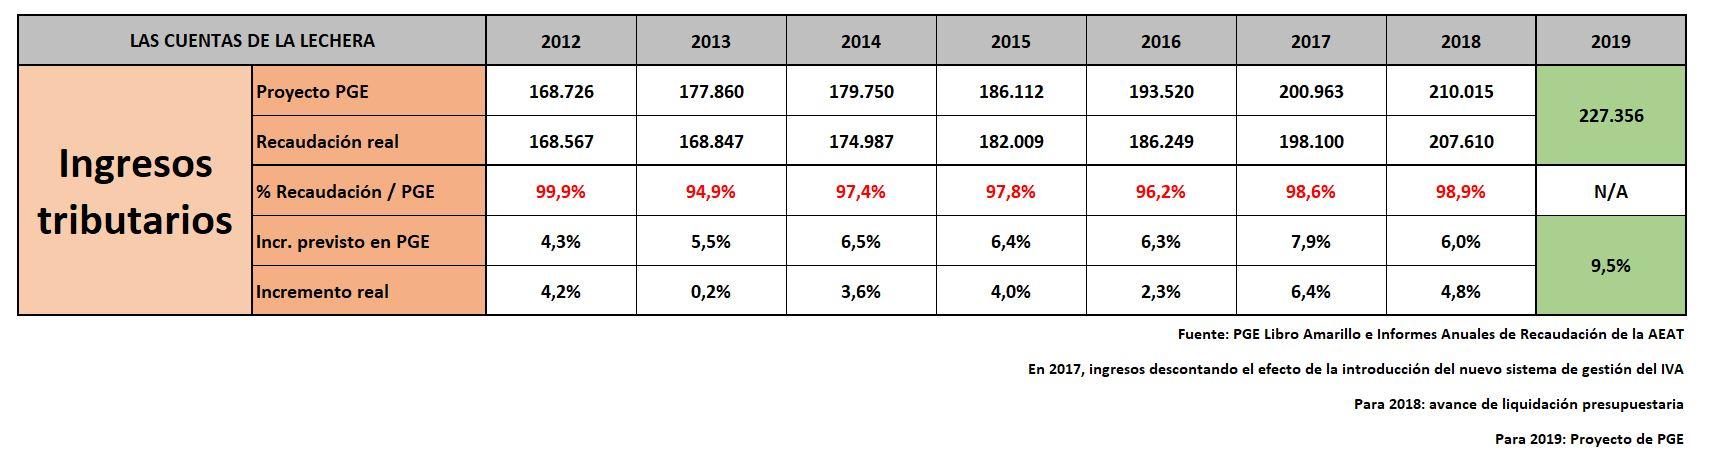 pge-2019-ingresos-1.jpg